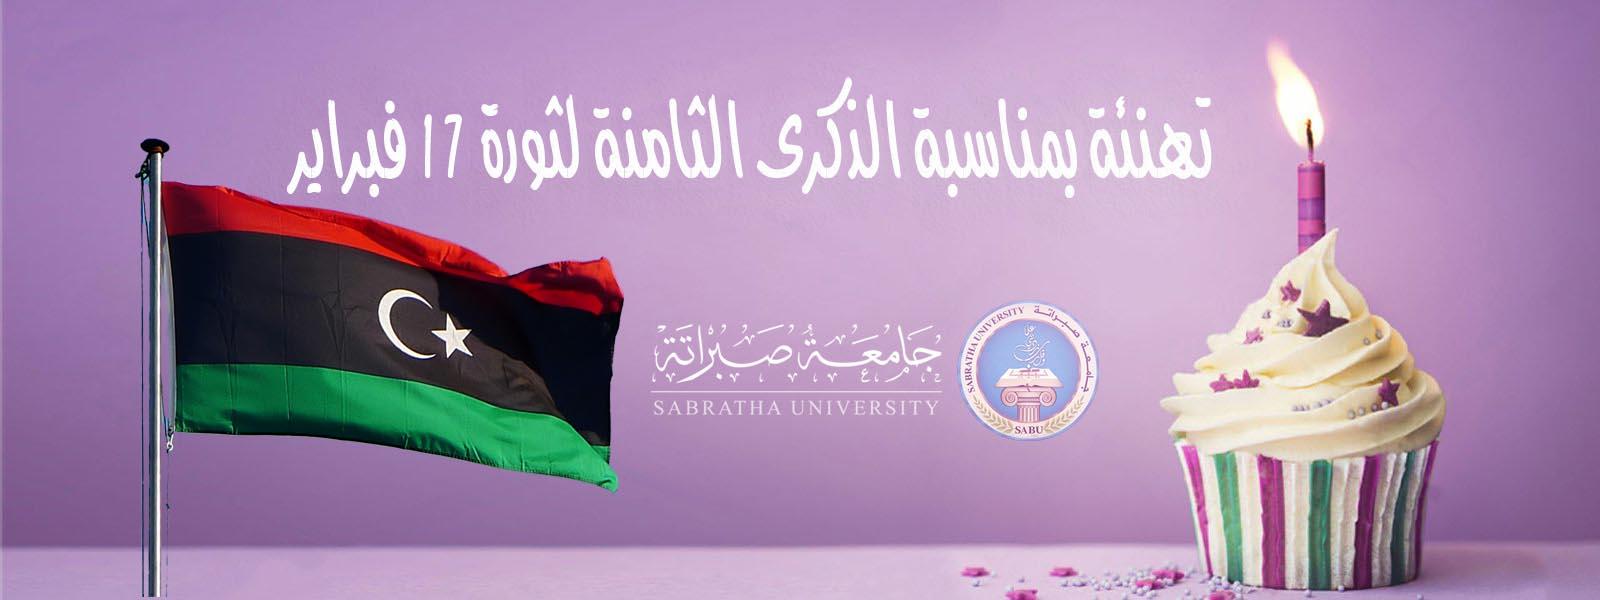 العيد الثامن لثورة 17 فبراير المجيدة